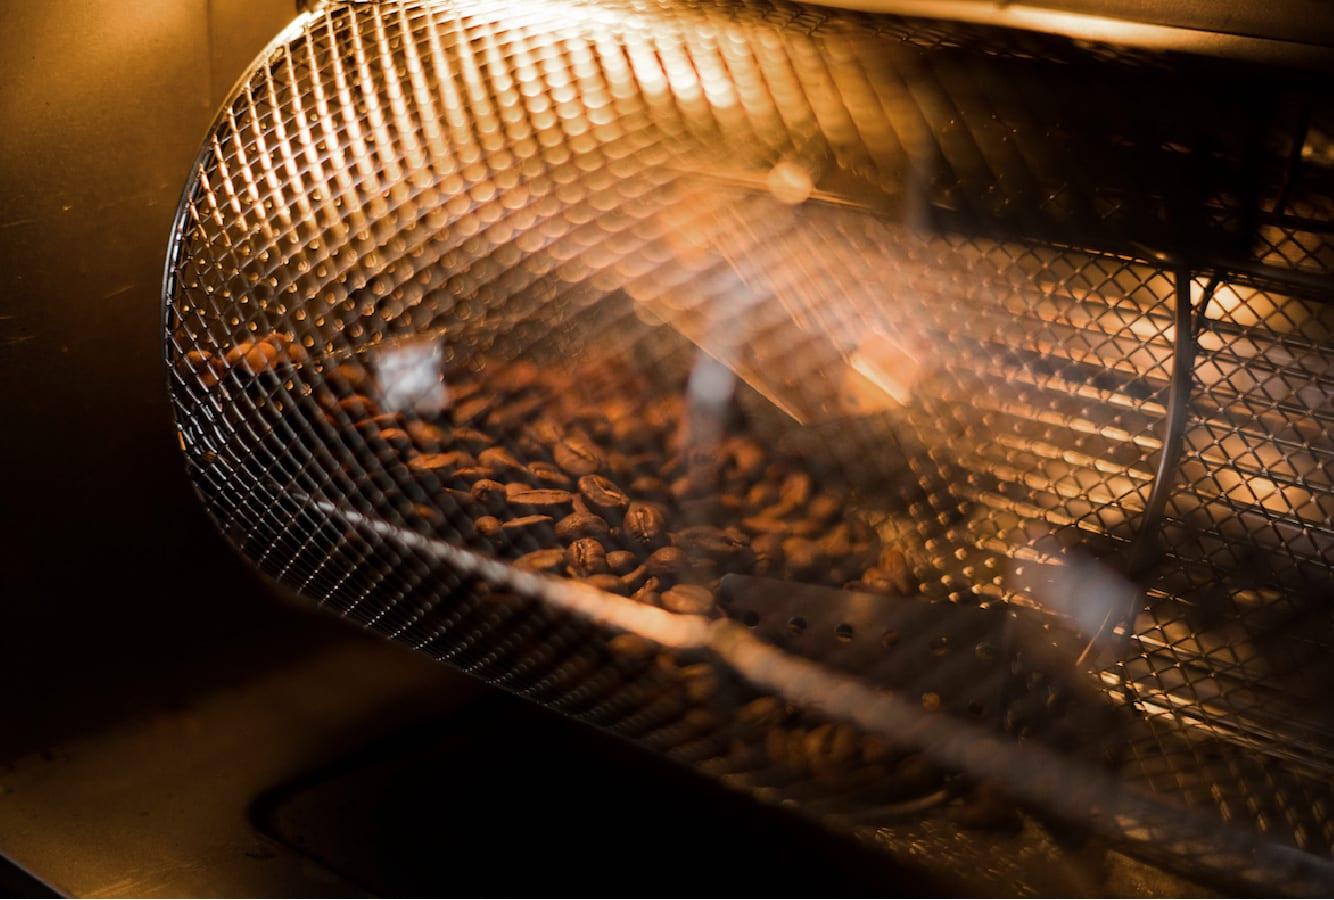 Grãos de café dentro de uma torradora de tambor.